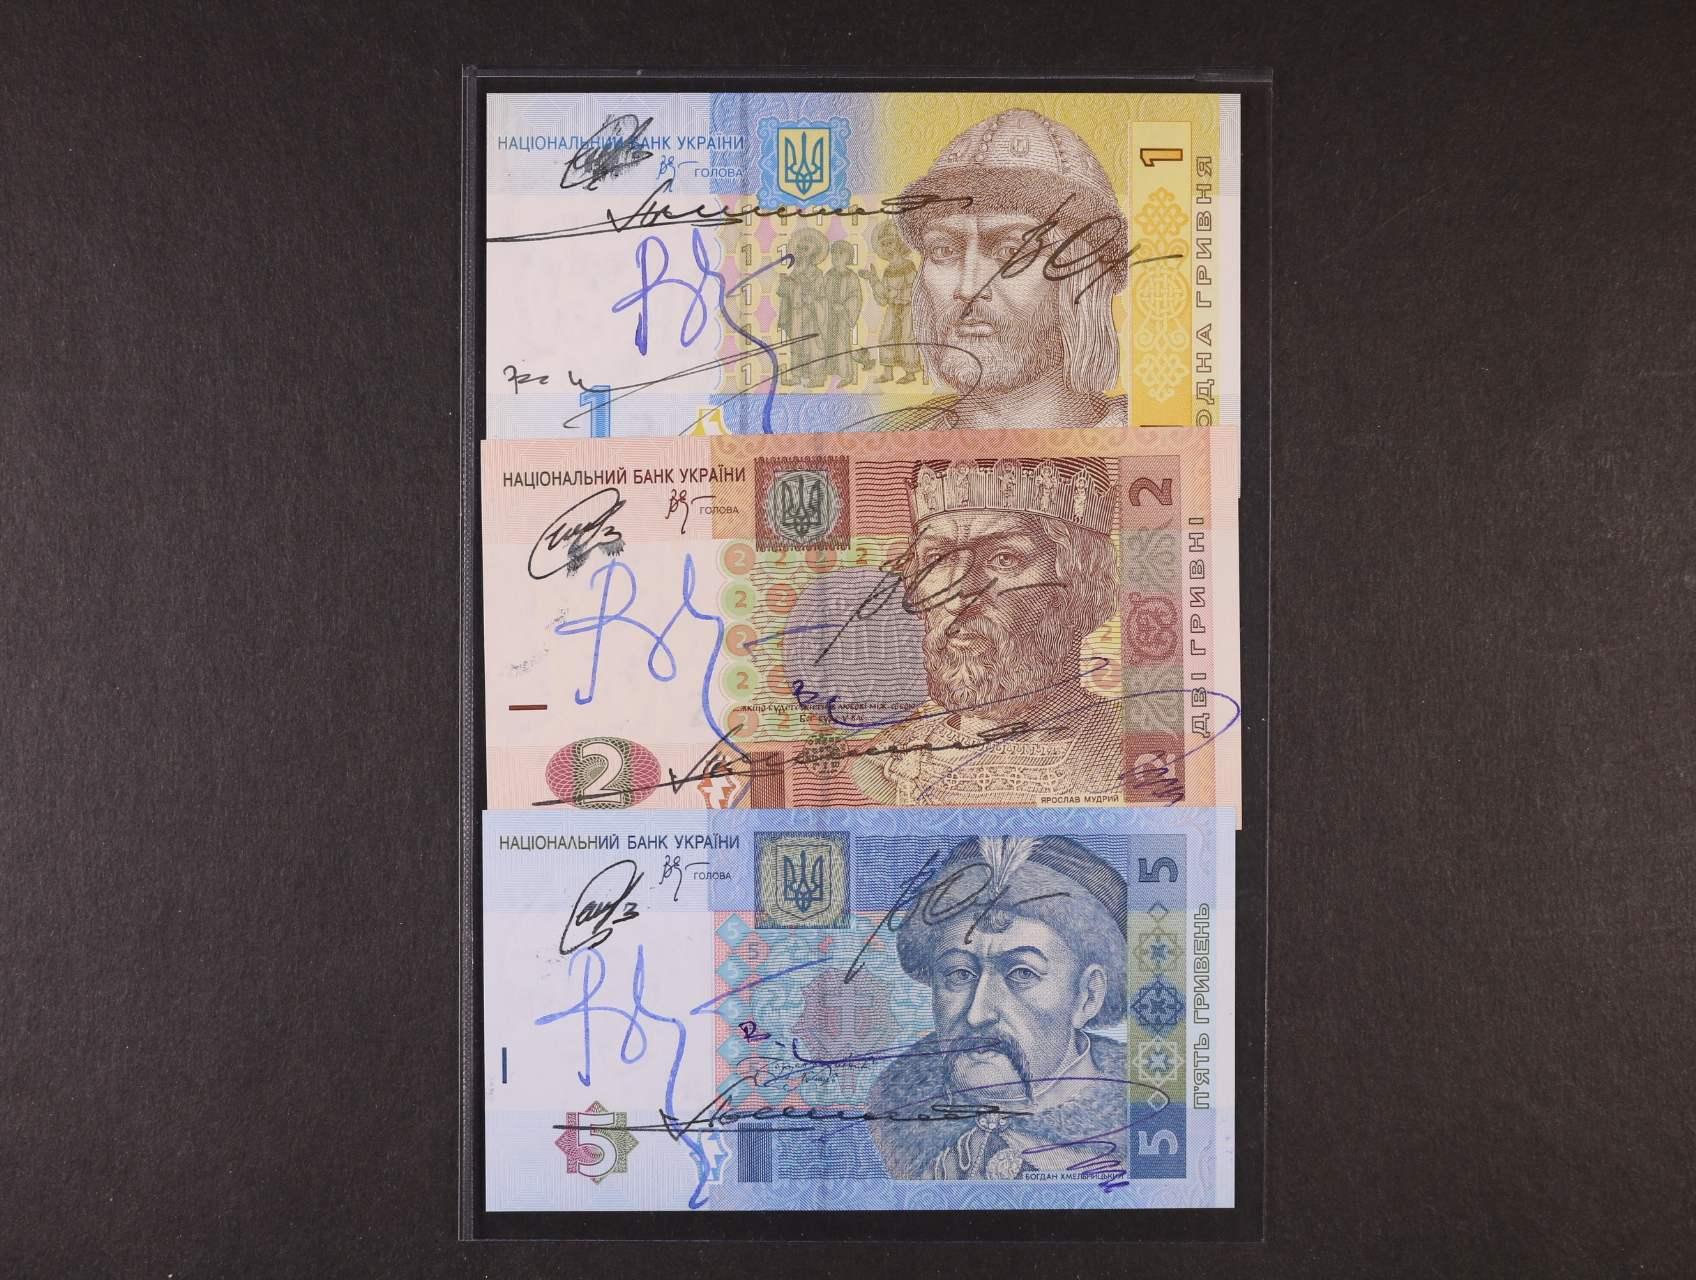 Ukrajina, 1, 2 a 5 Hryven s orig. podpisy